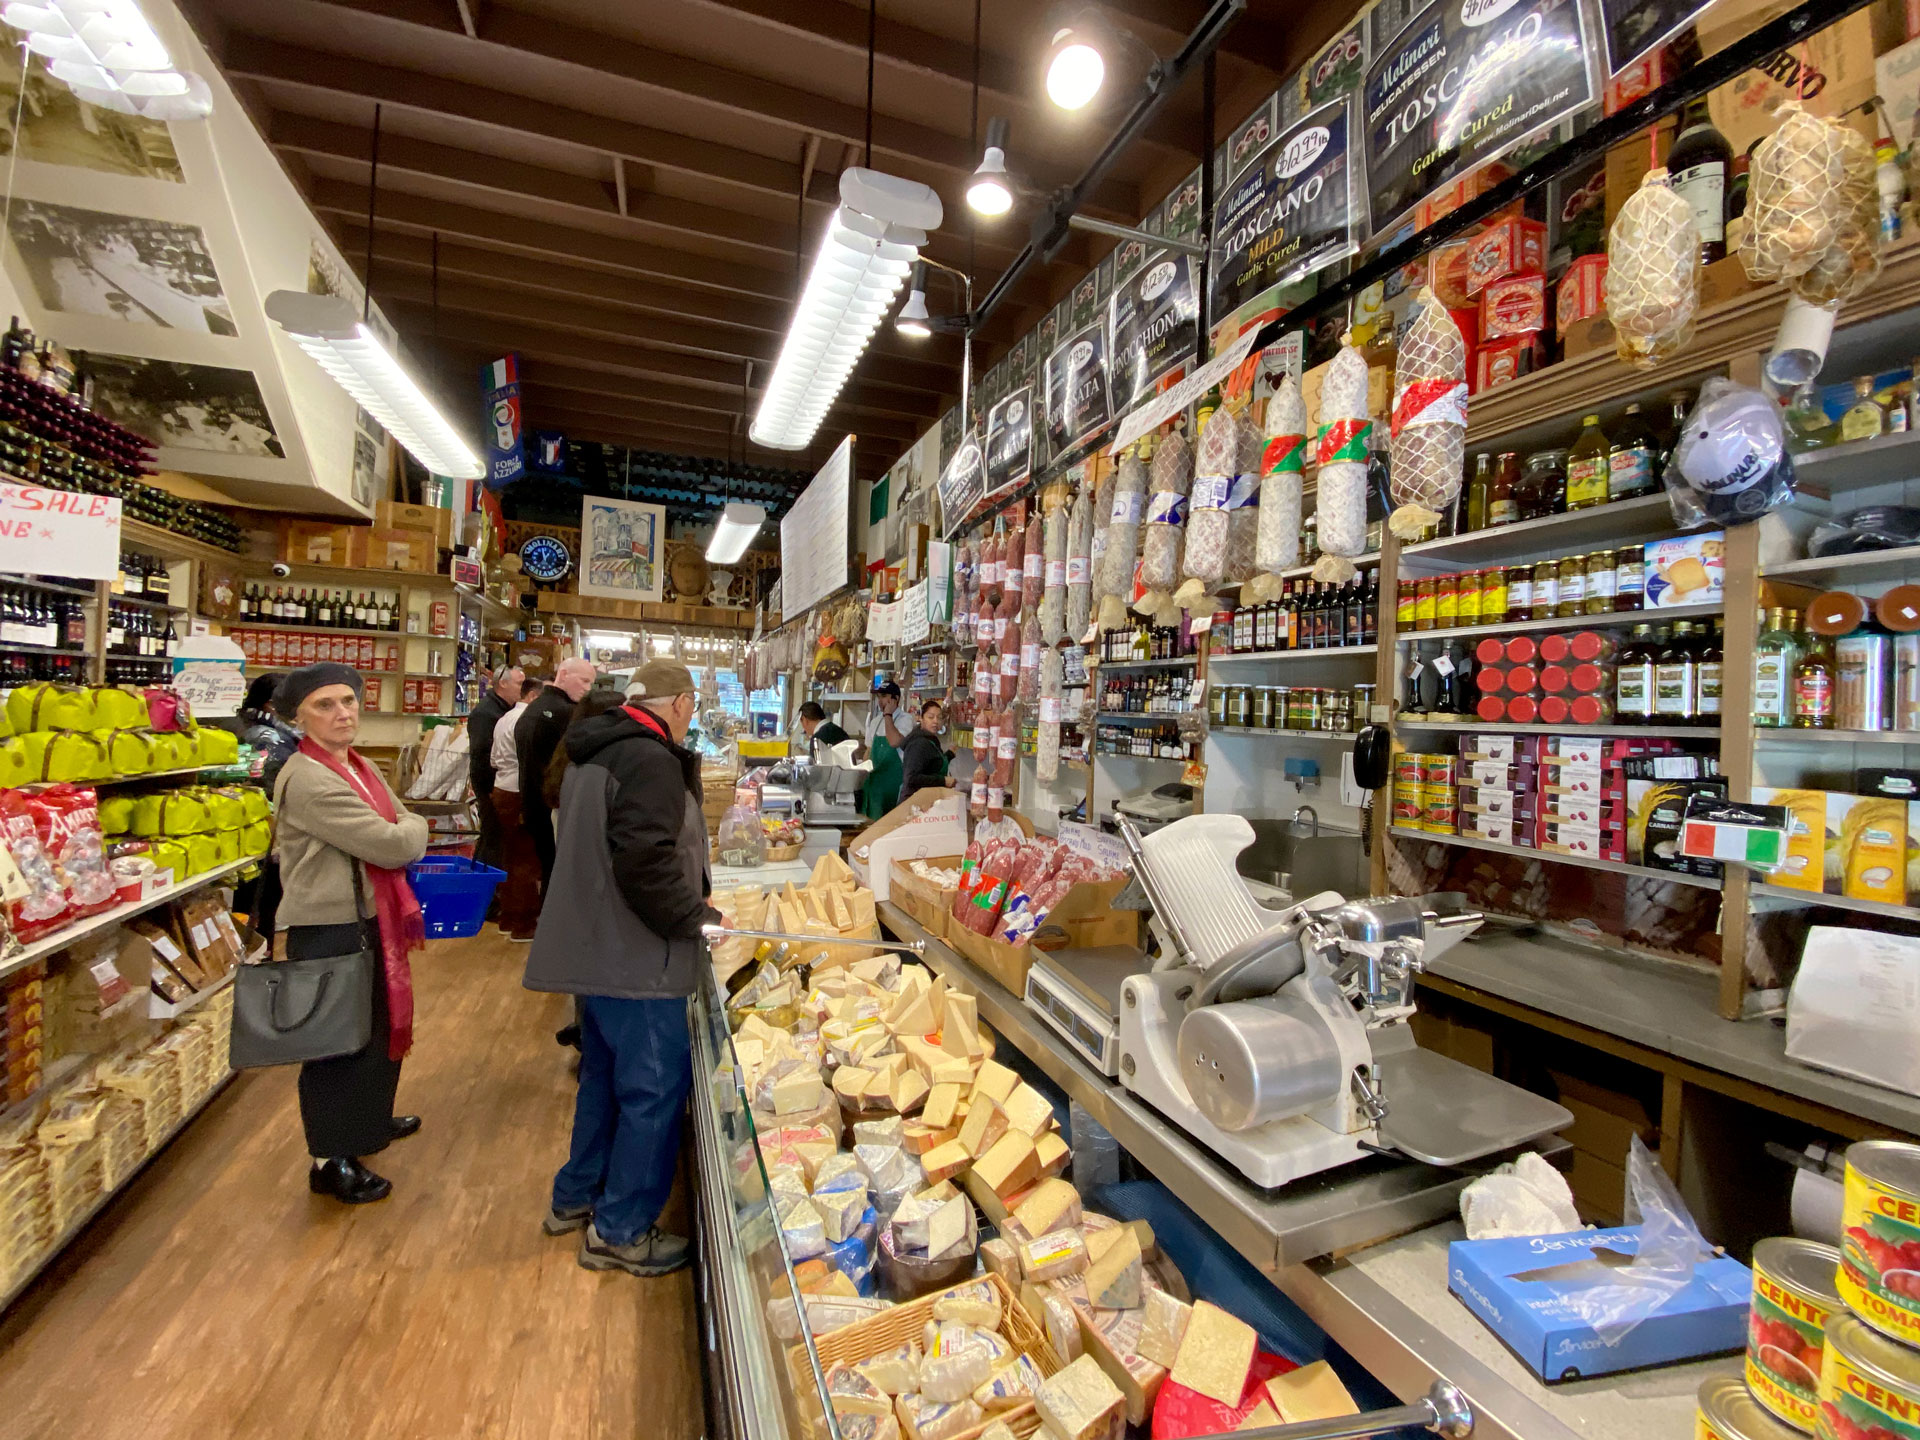 Inside Molinari's Delicatessen